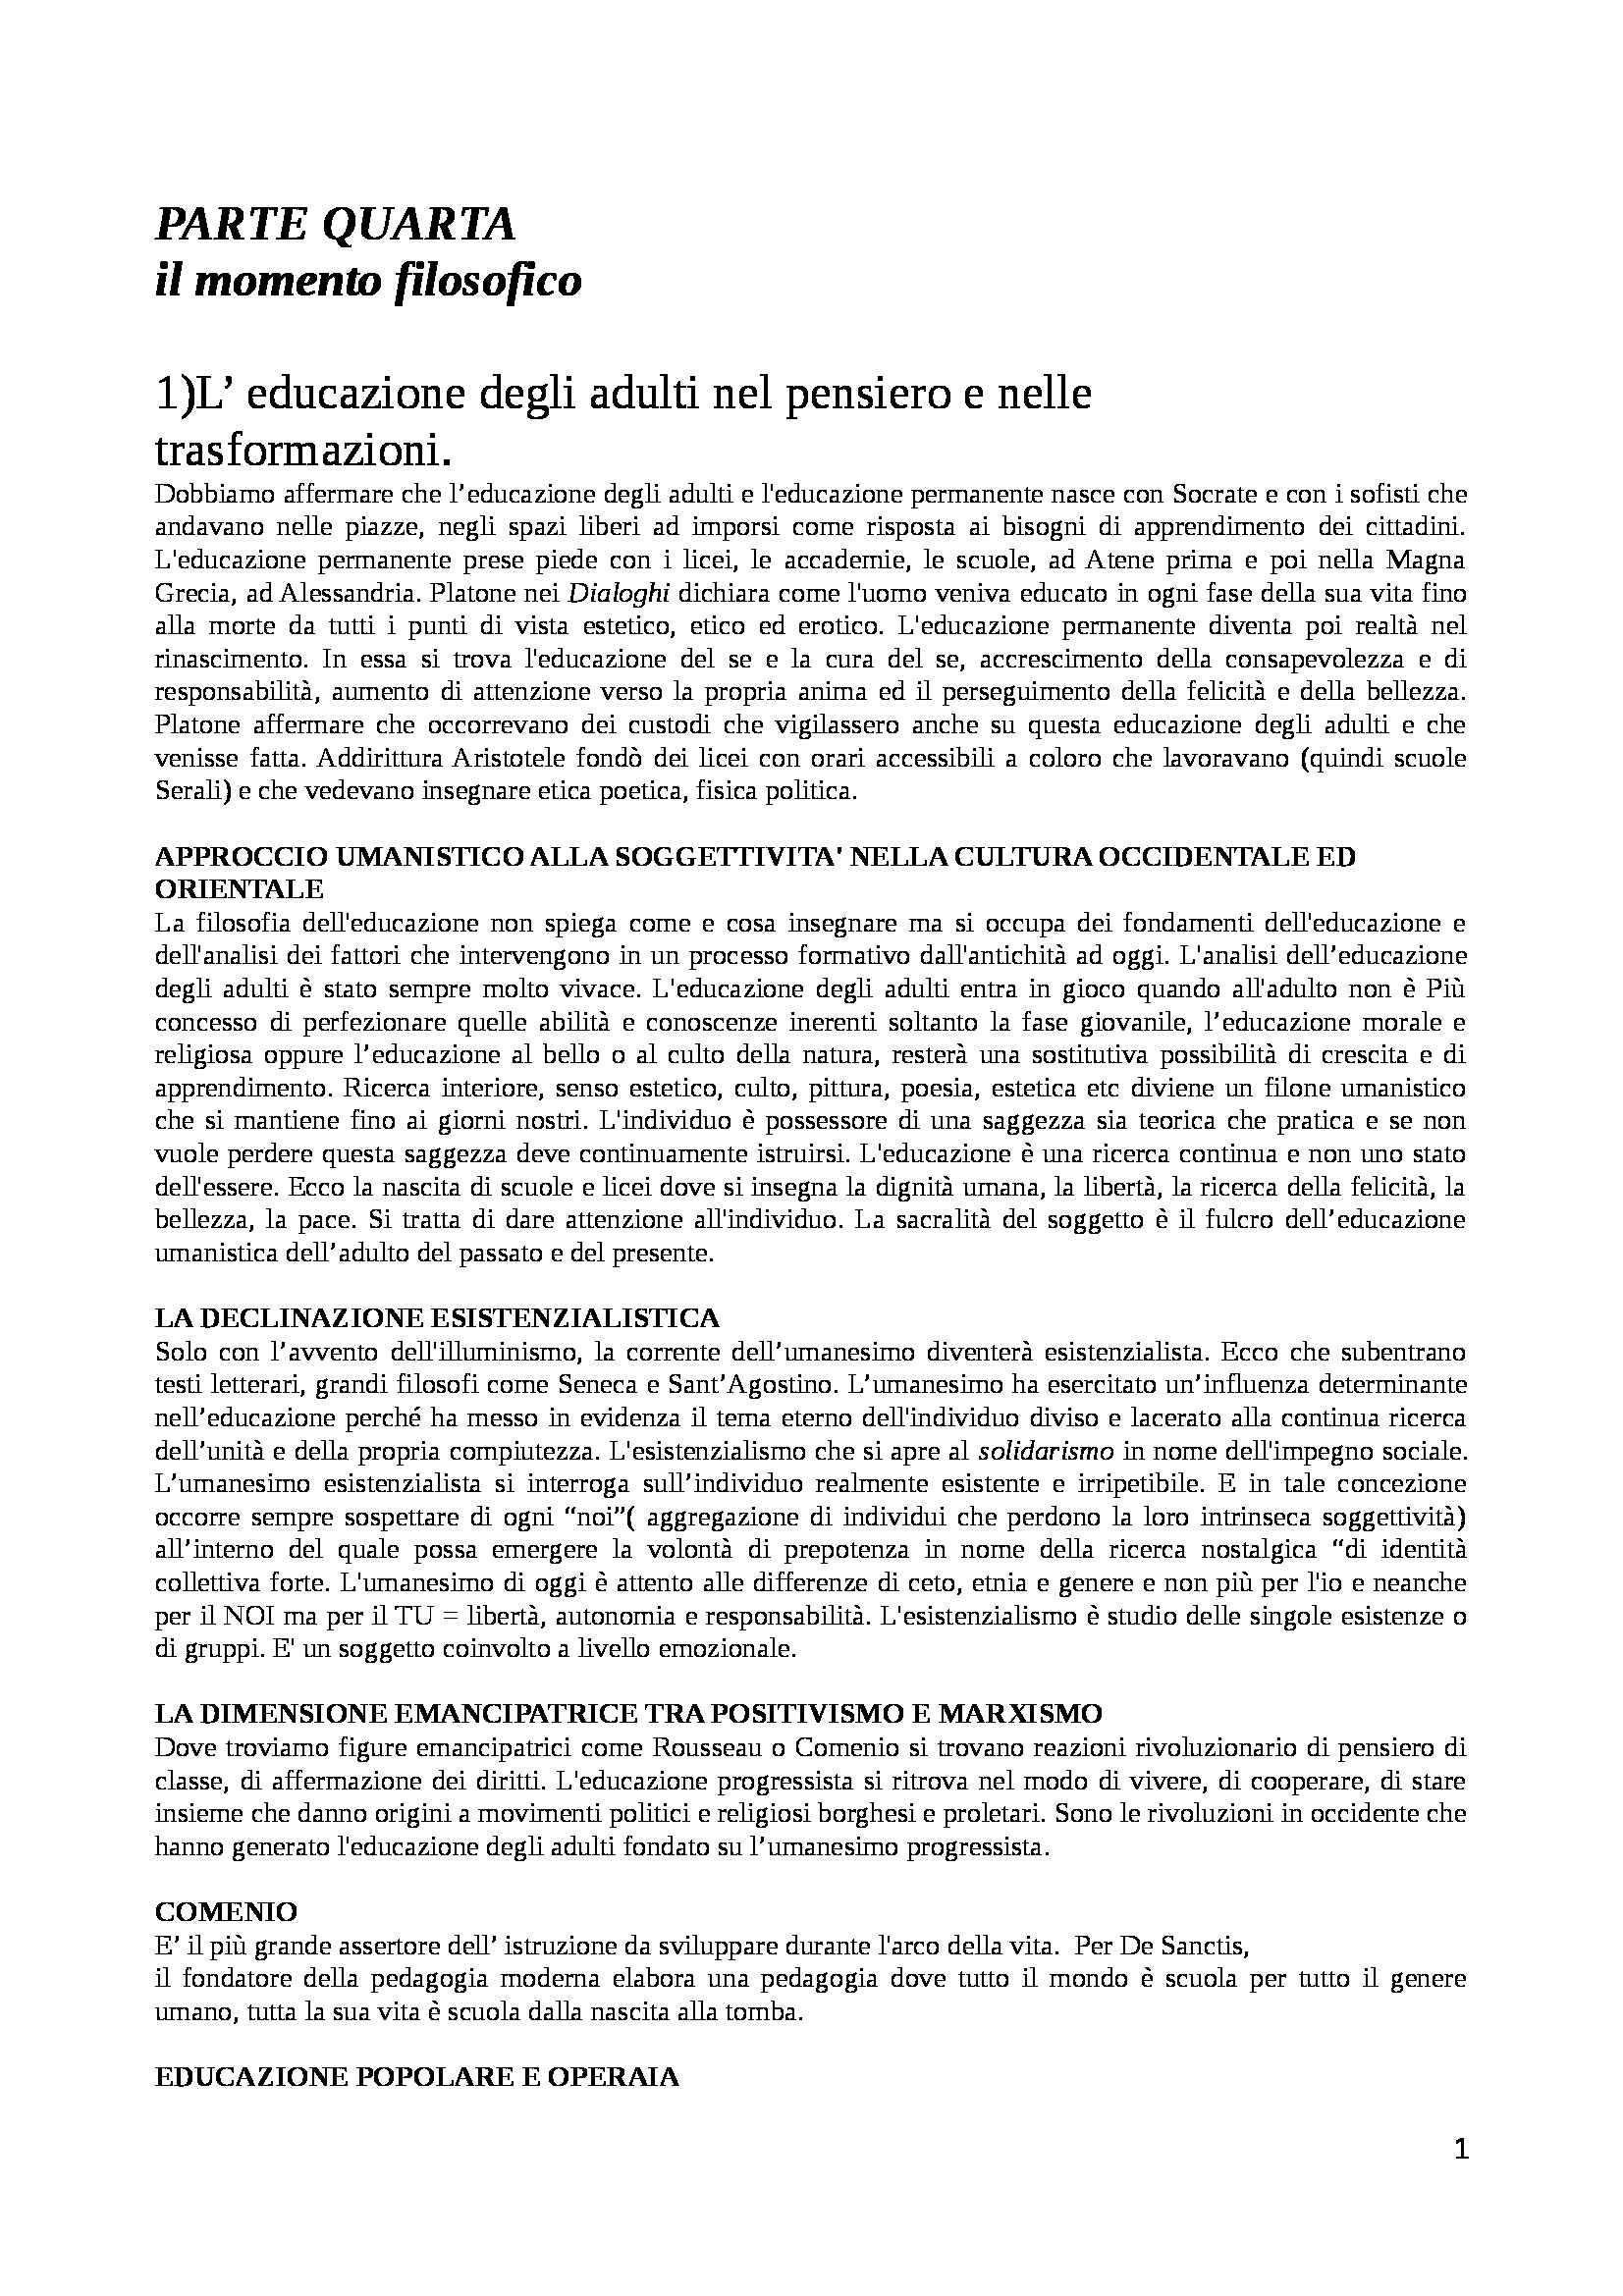 Riassunto esame Educazione degli Adulti, prof. D'Arcangelo, libro consigliato Manuale di Educazione degli Adulti, Demetrio - parte quarta